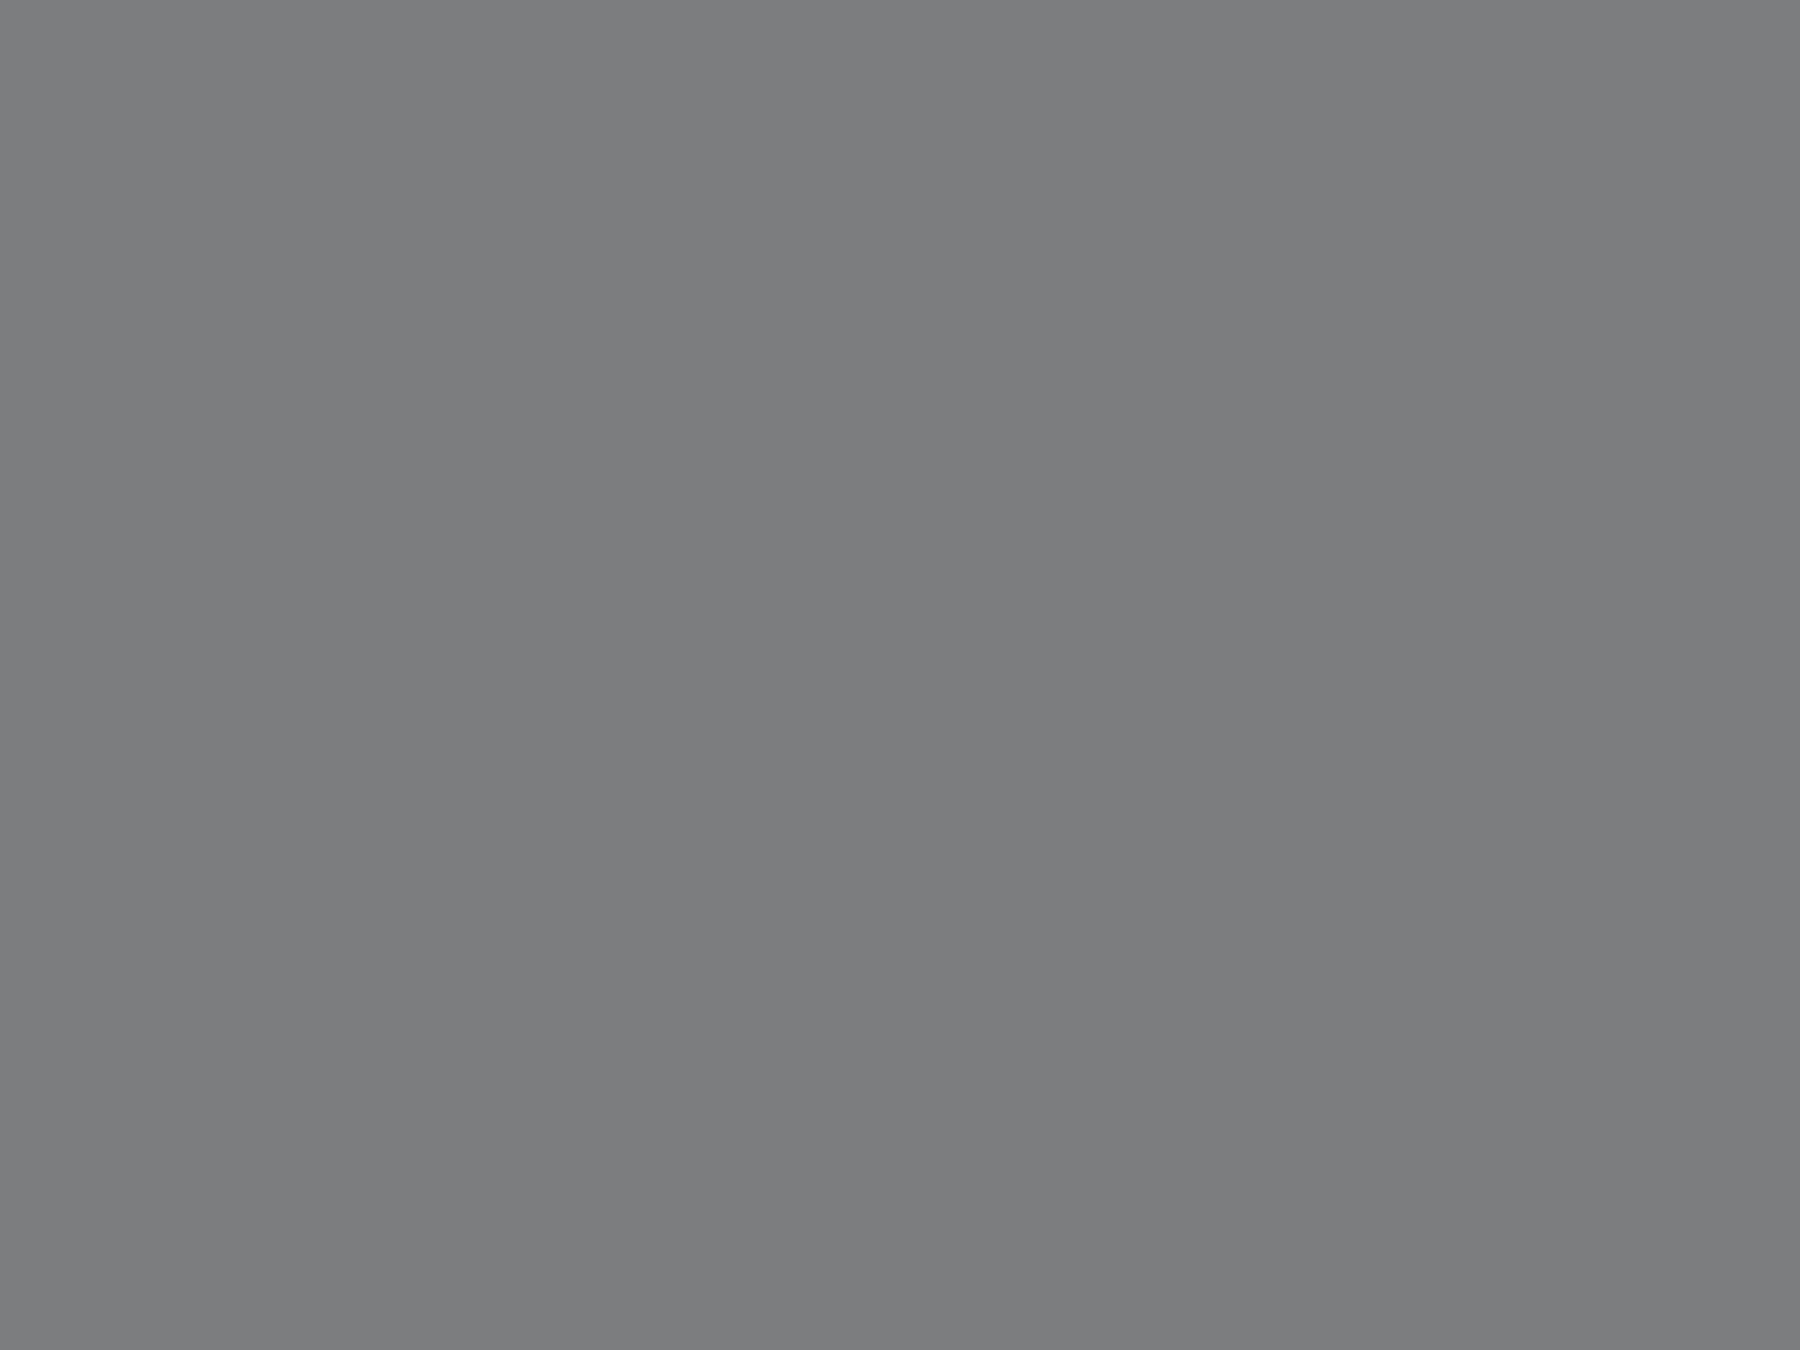 Karcher WV 5 Premium serbatoio removibile